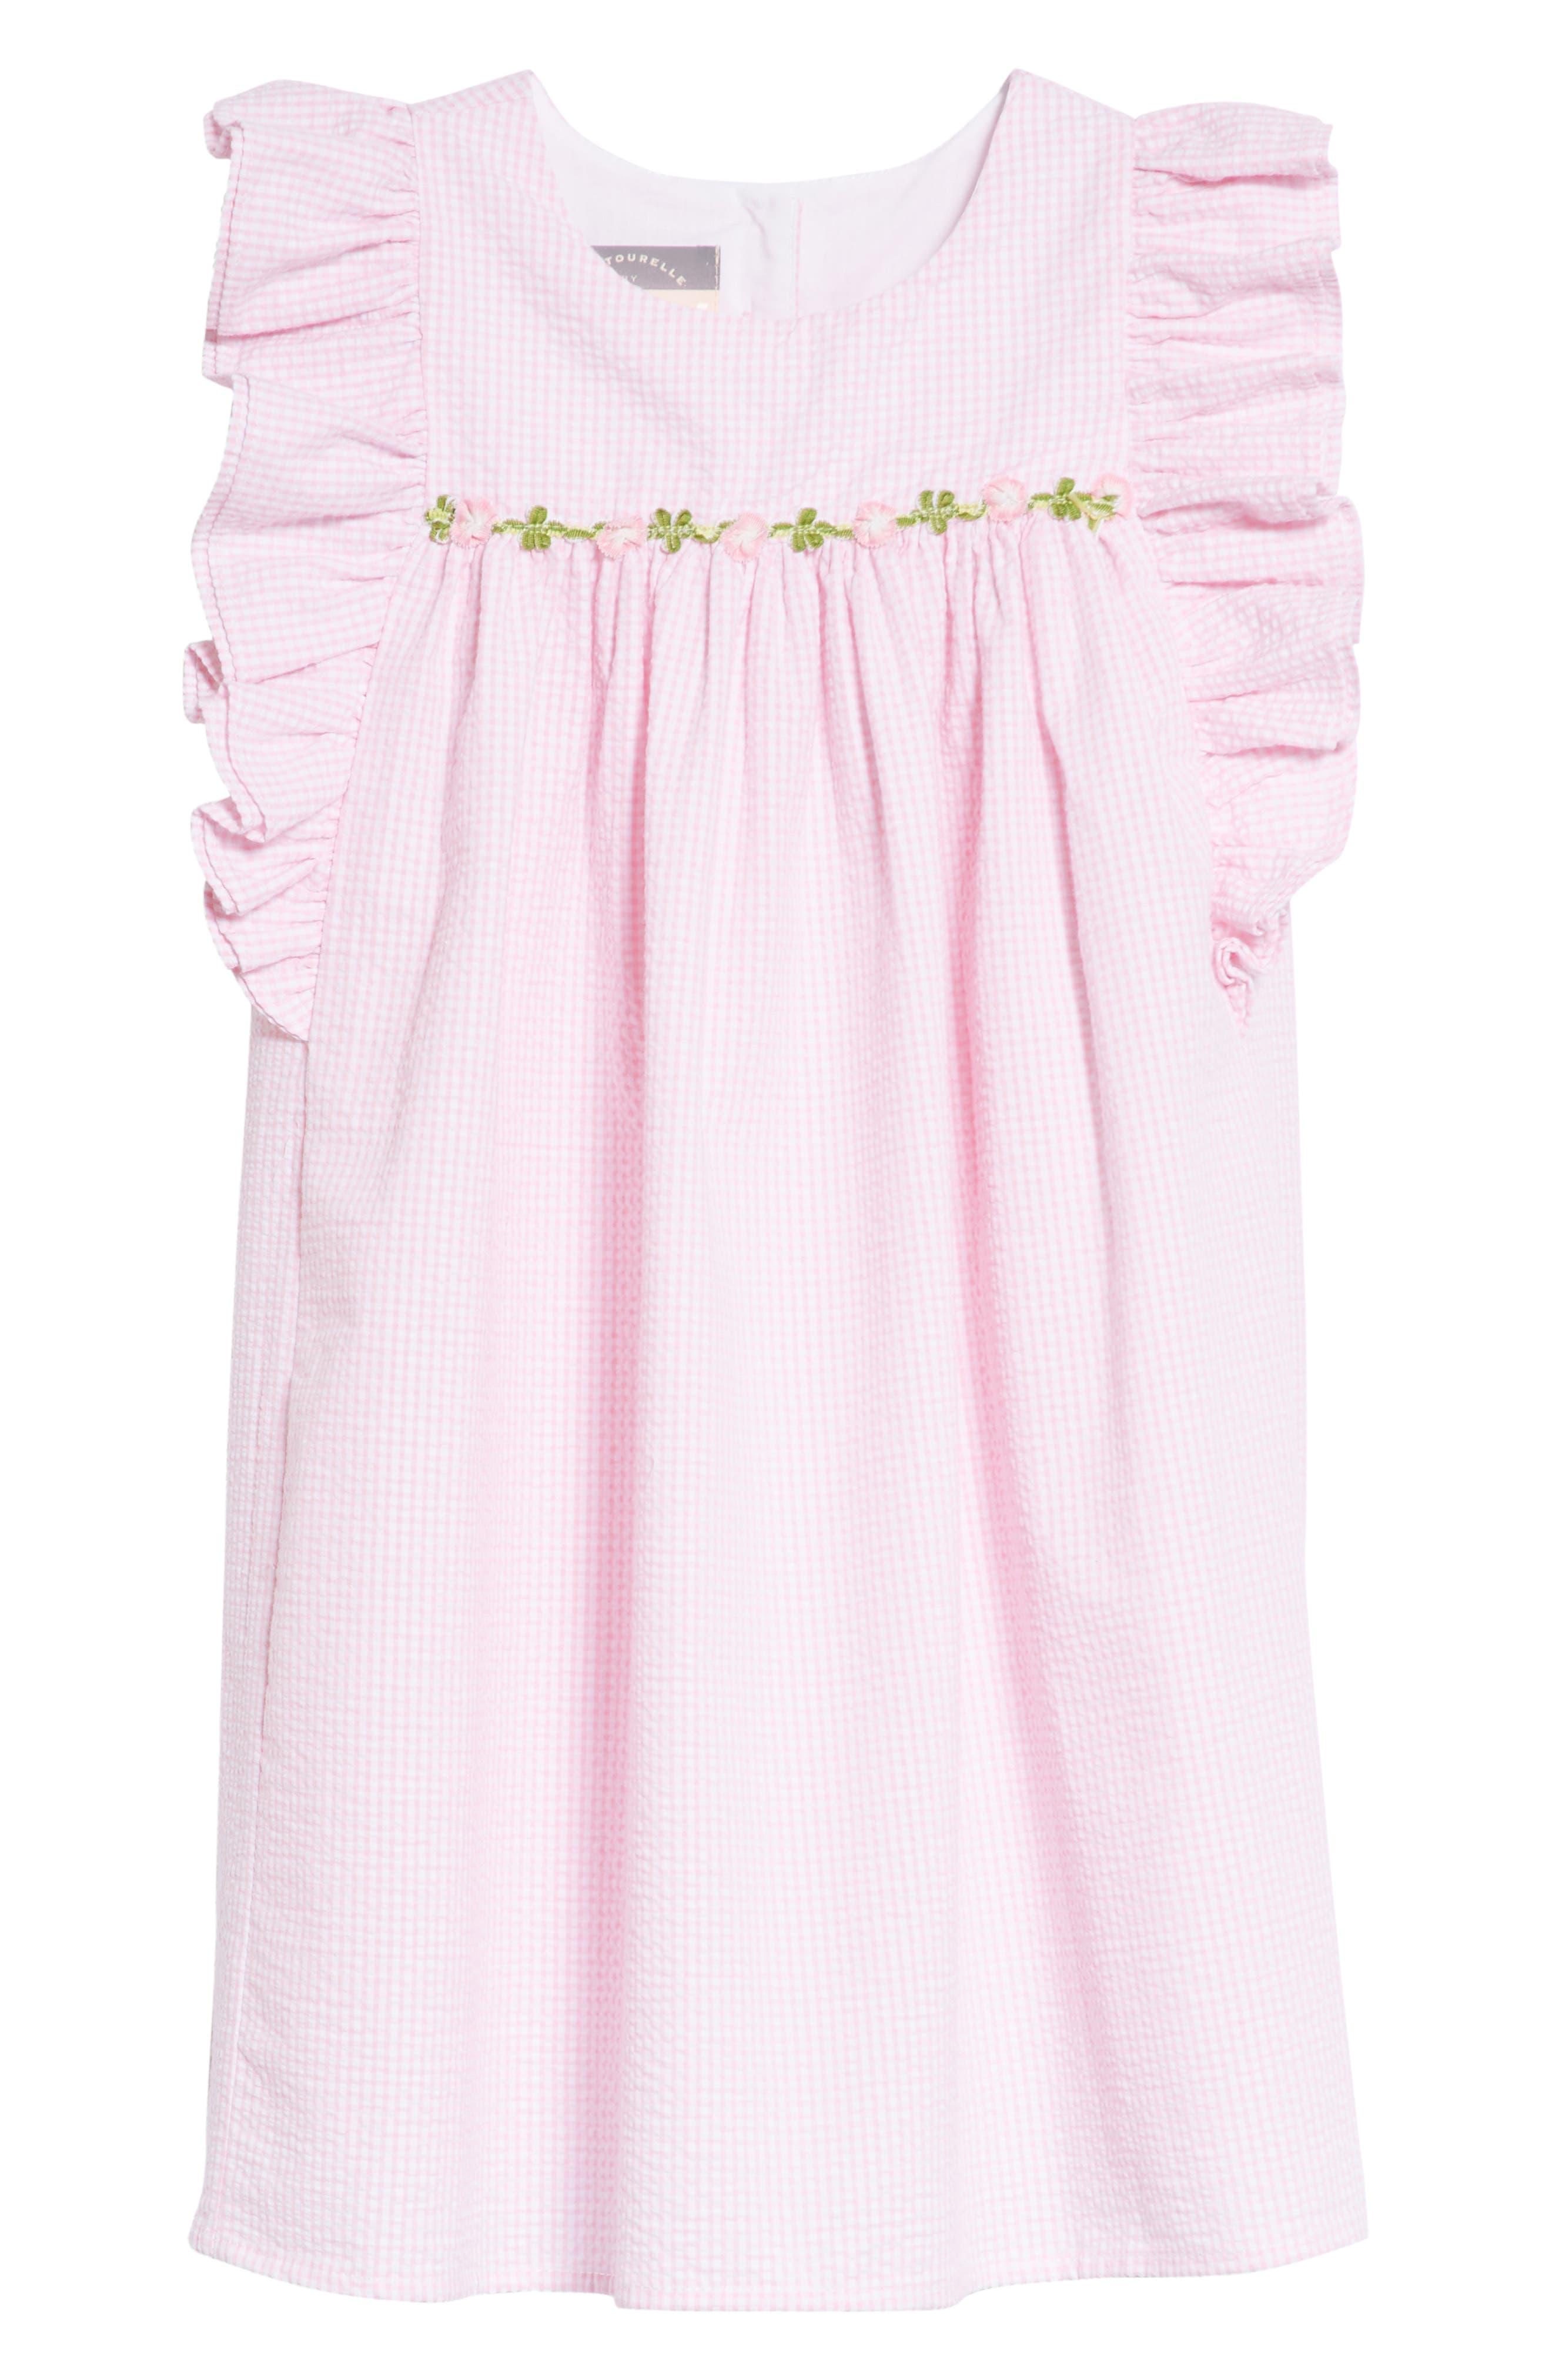 Pastourelle by Pippa & Julie Seersucker Ruffle Sleeve Dress (Toddler Girls, Little Girls & Big Girls)